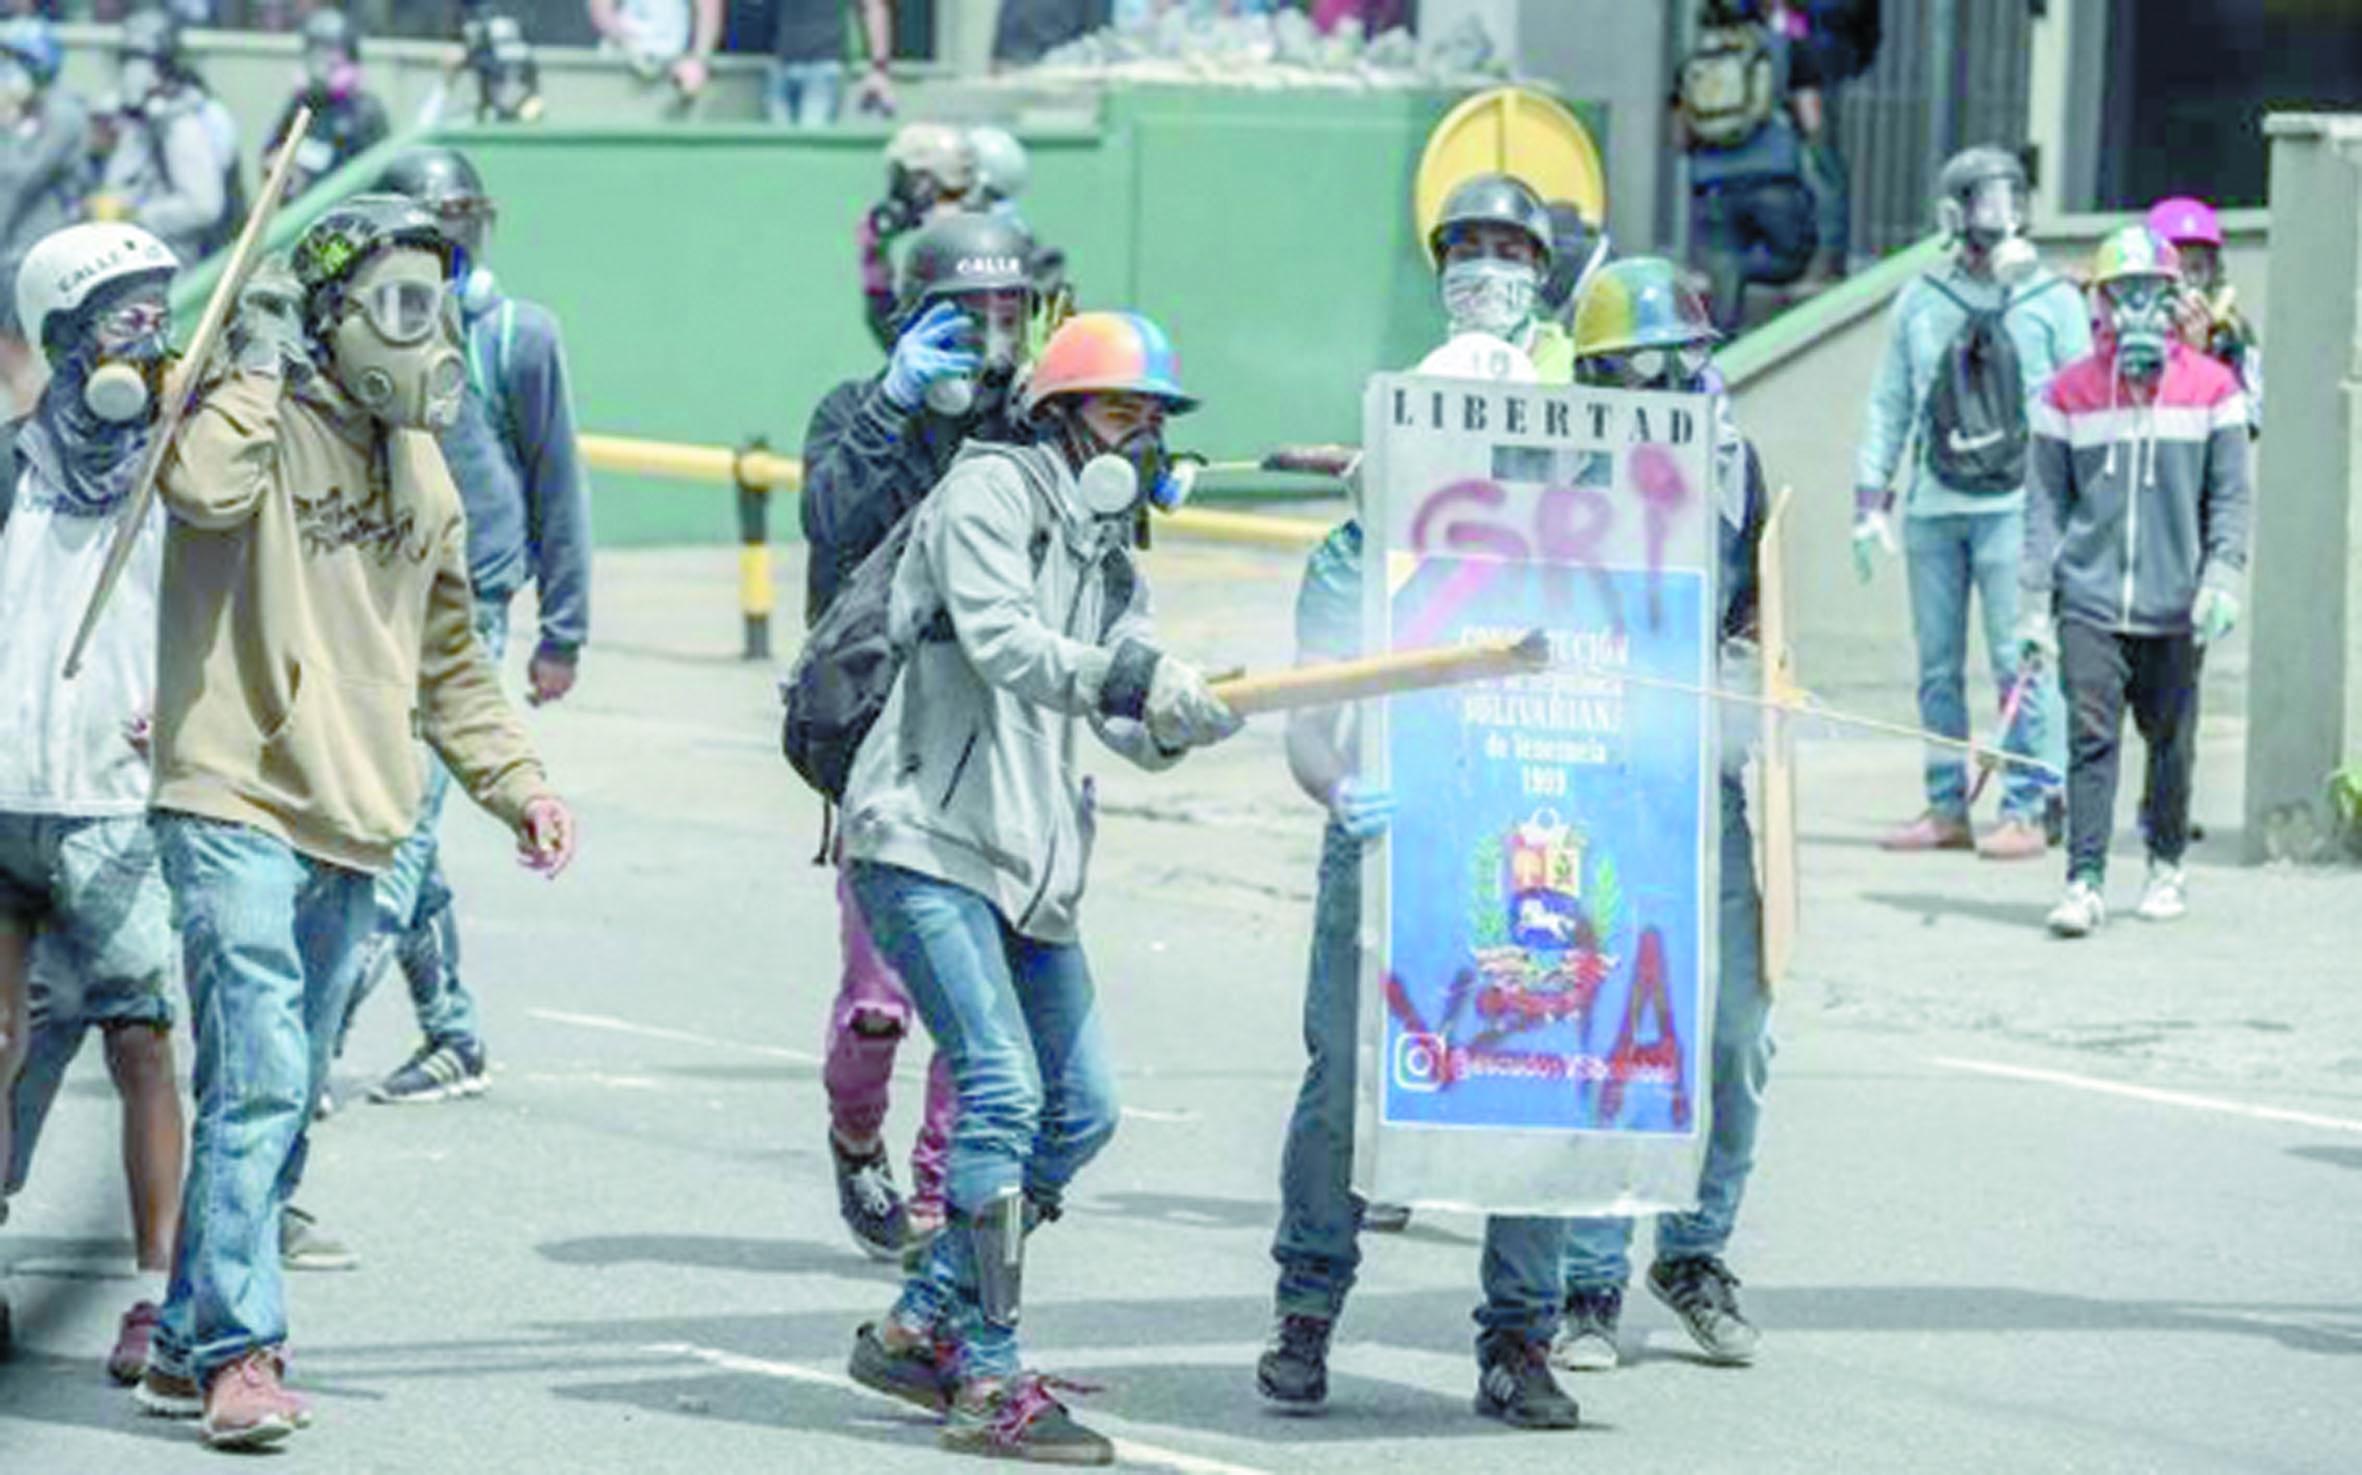 Maria, Manuel et Julio, manifestants cagoulés au Venezuela